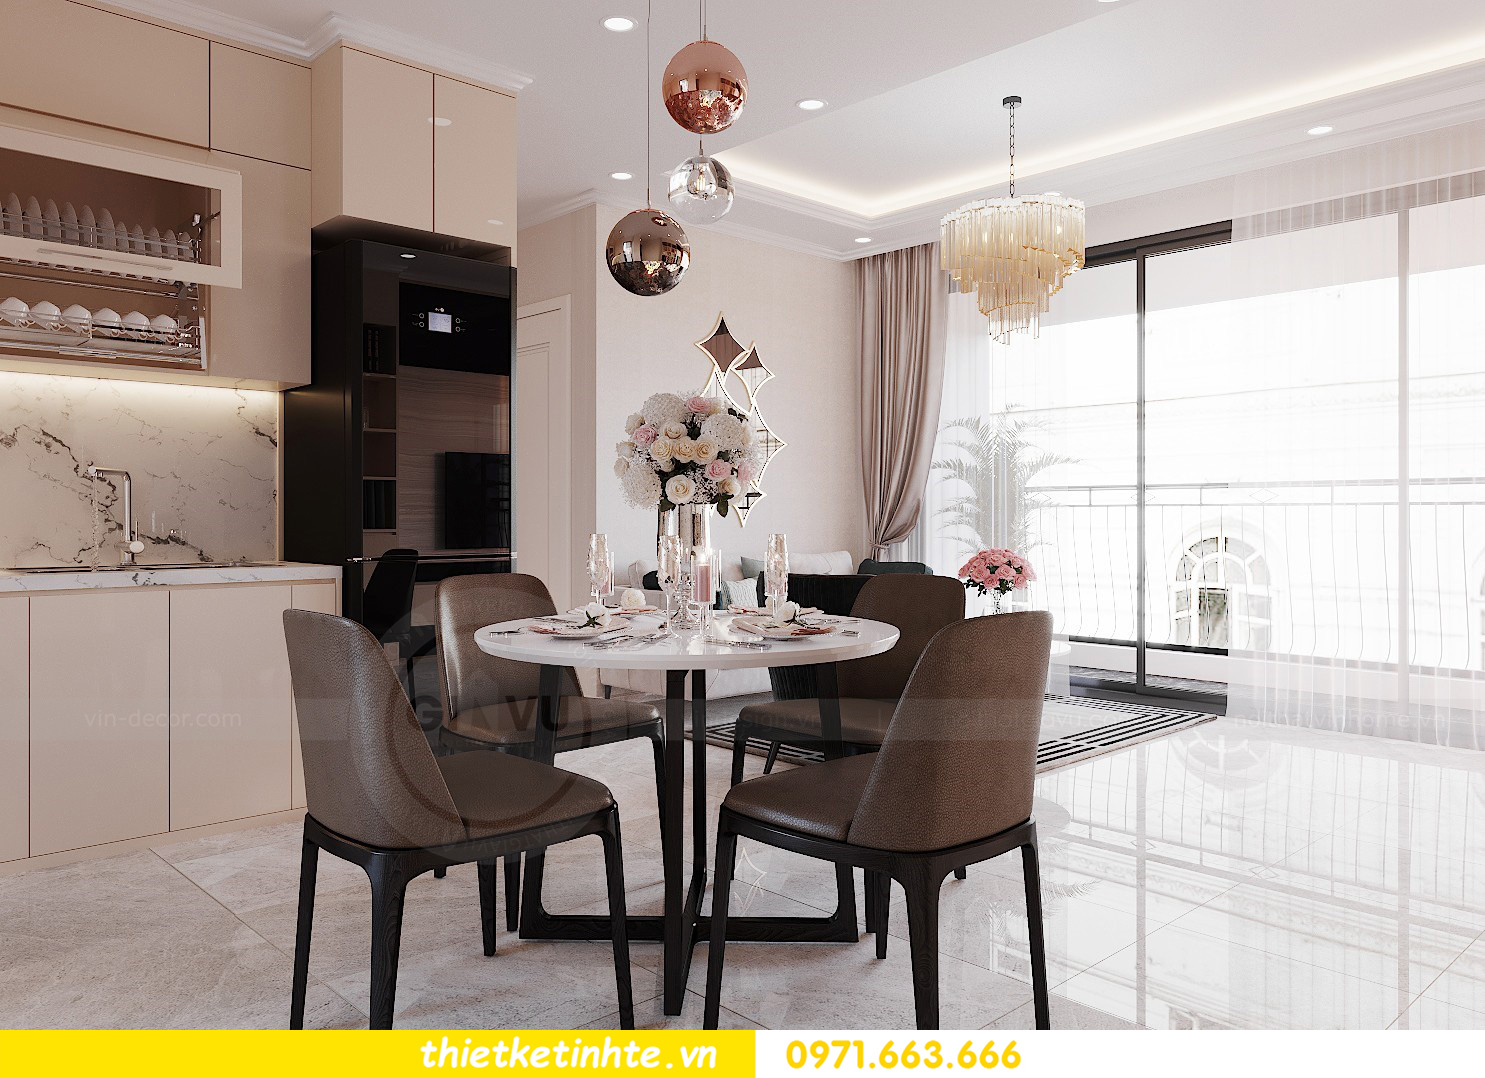 mẫu thiết kế nội thất chung cư West Point căn hộ 3 phòng ngủ 03